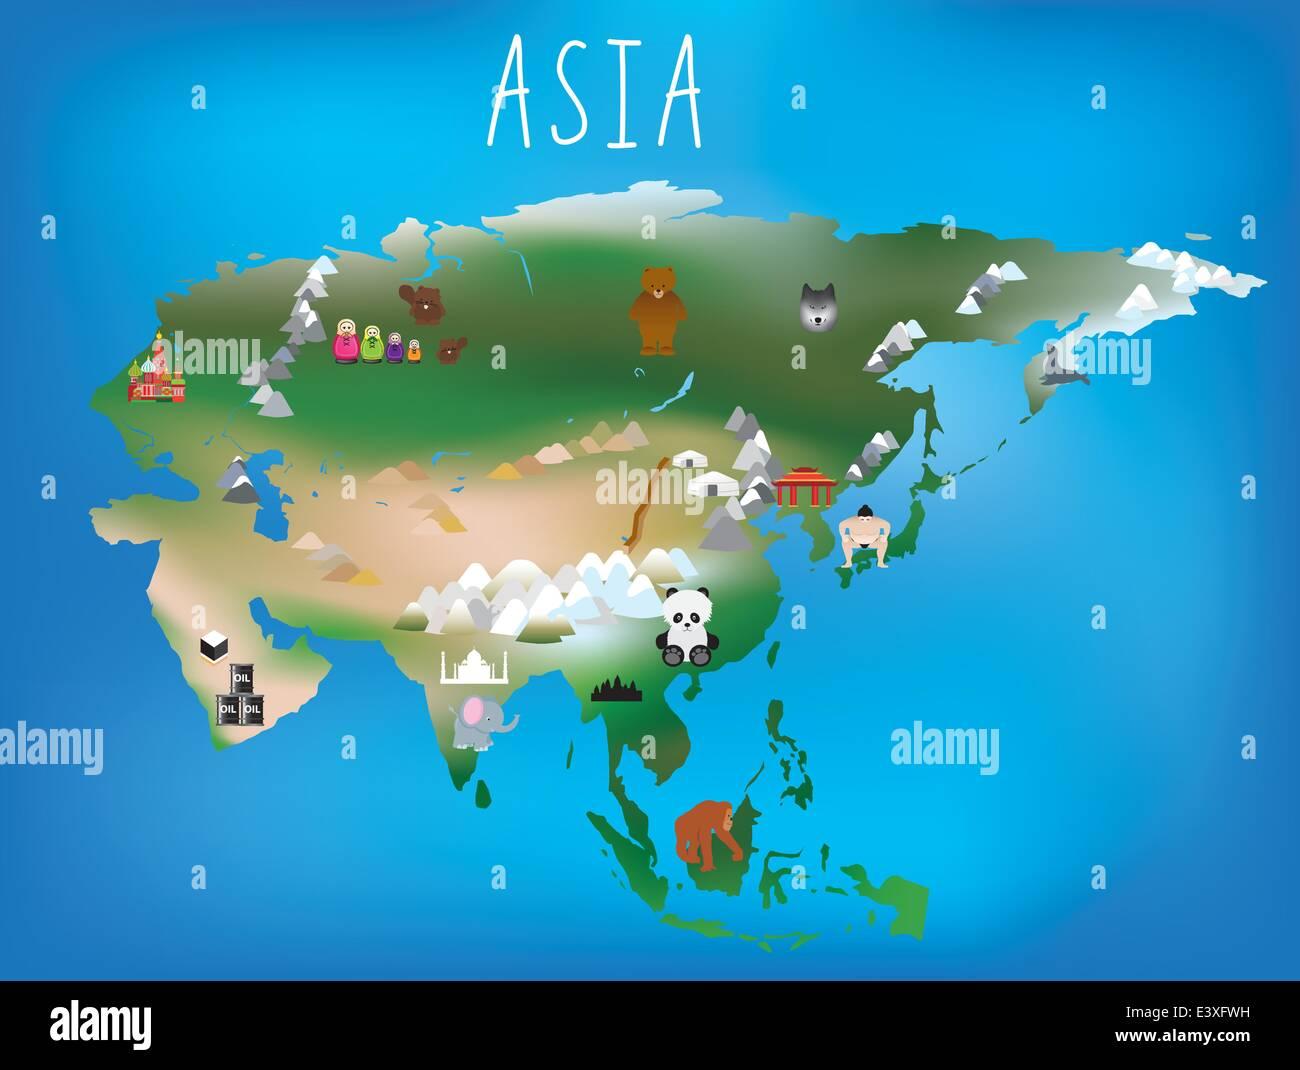 jolie carte illustrée de l'asie avec l'espace pour ajouter les noms